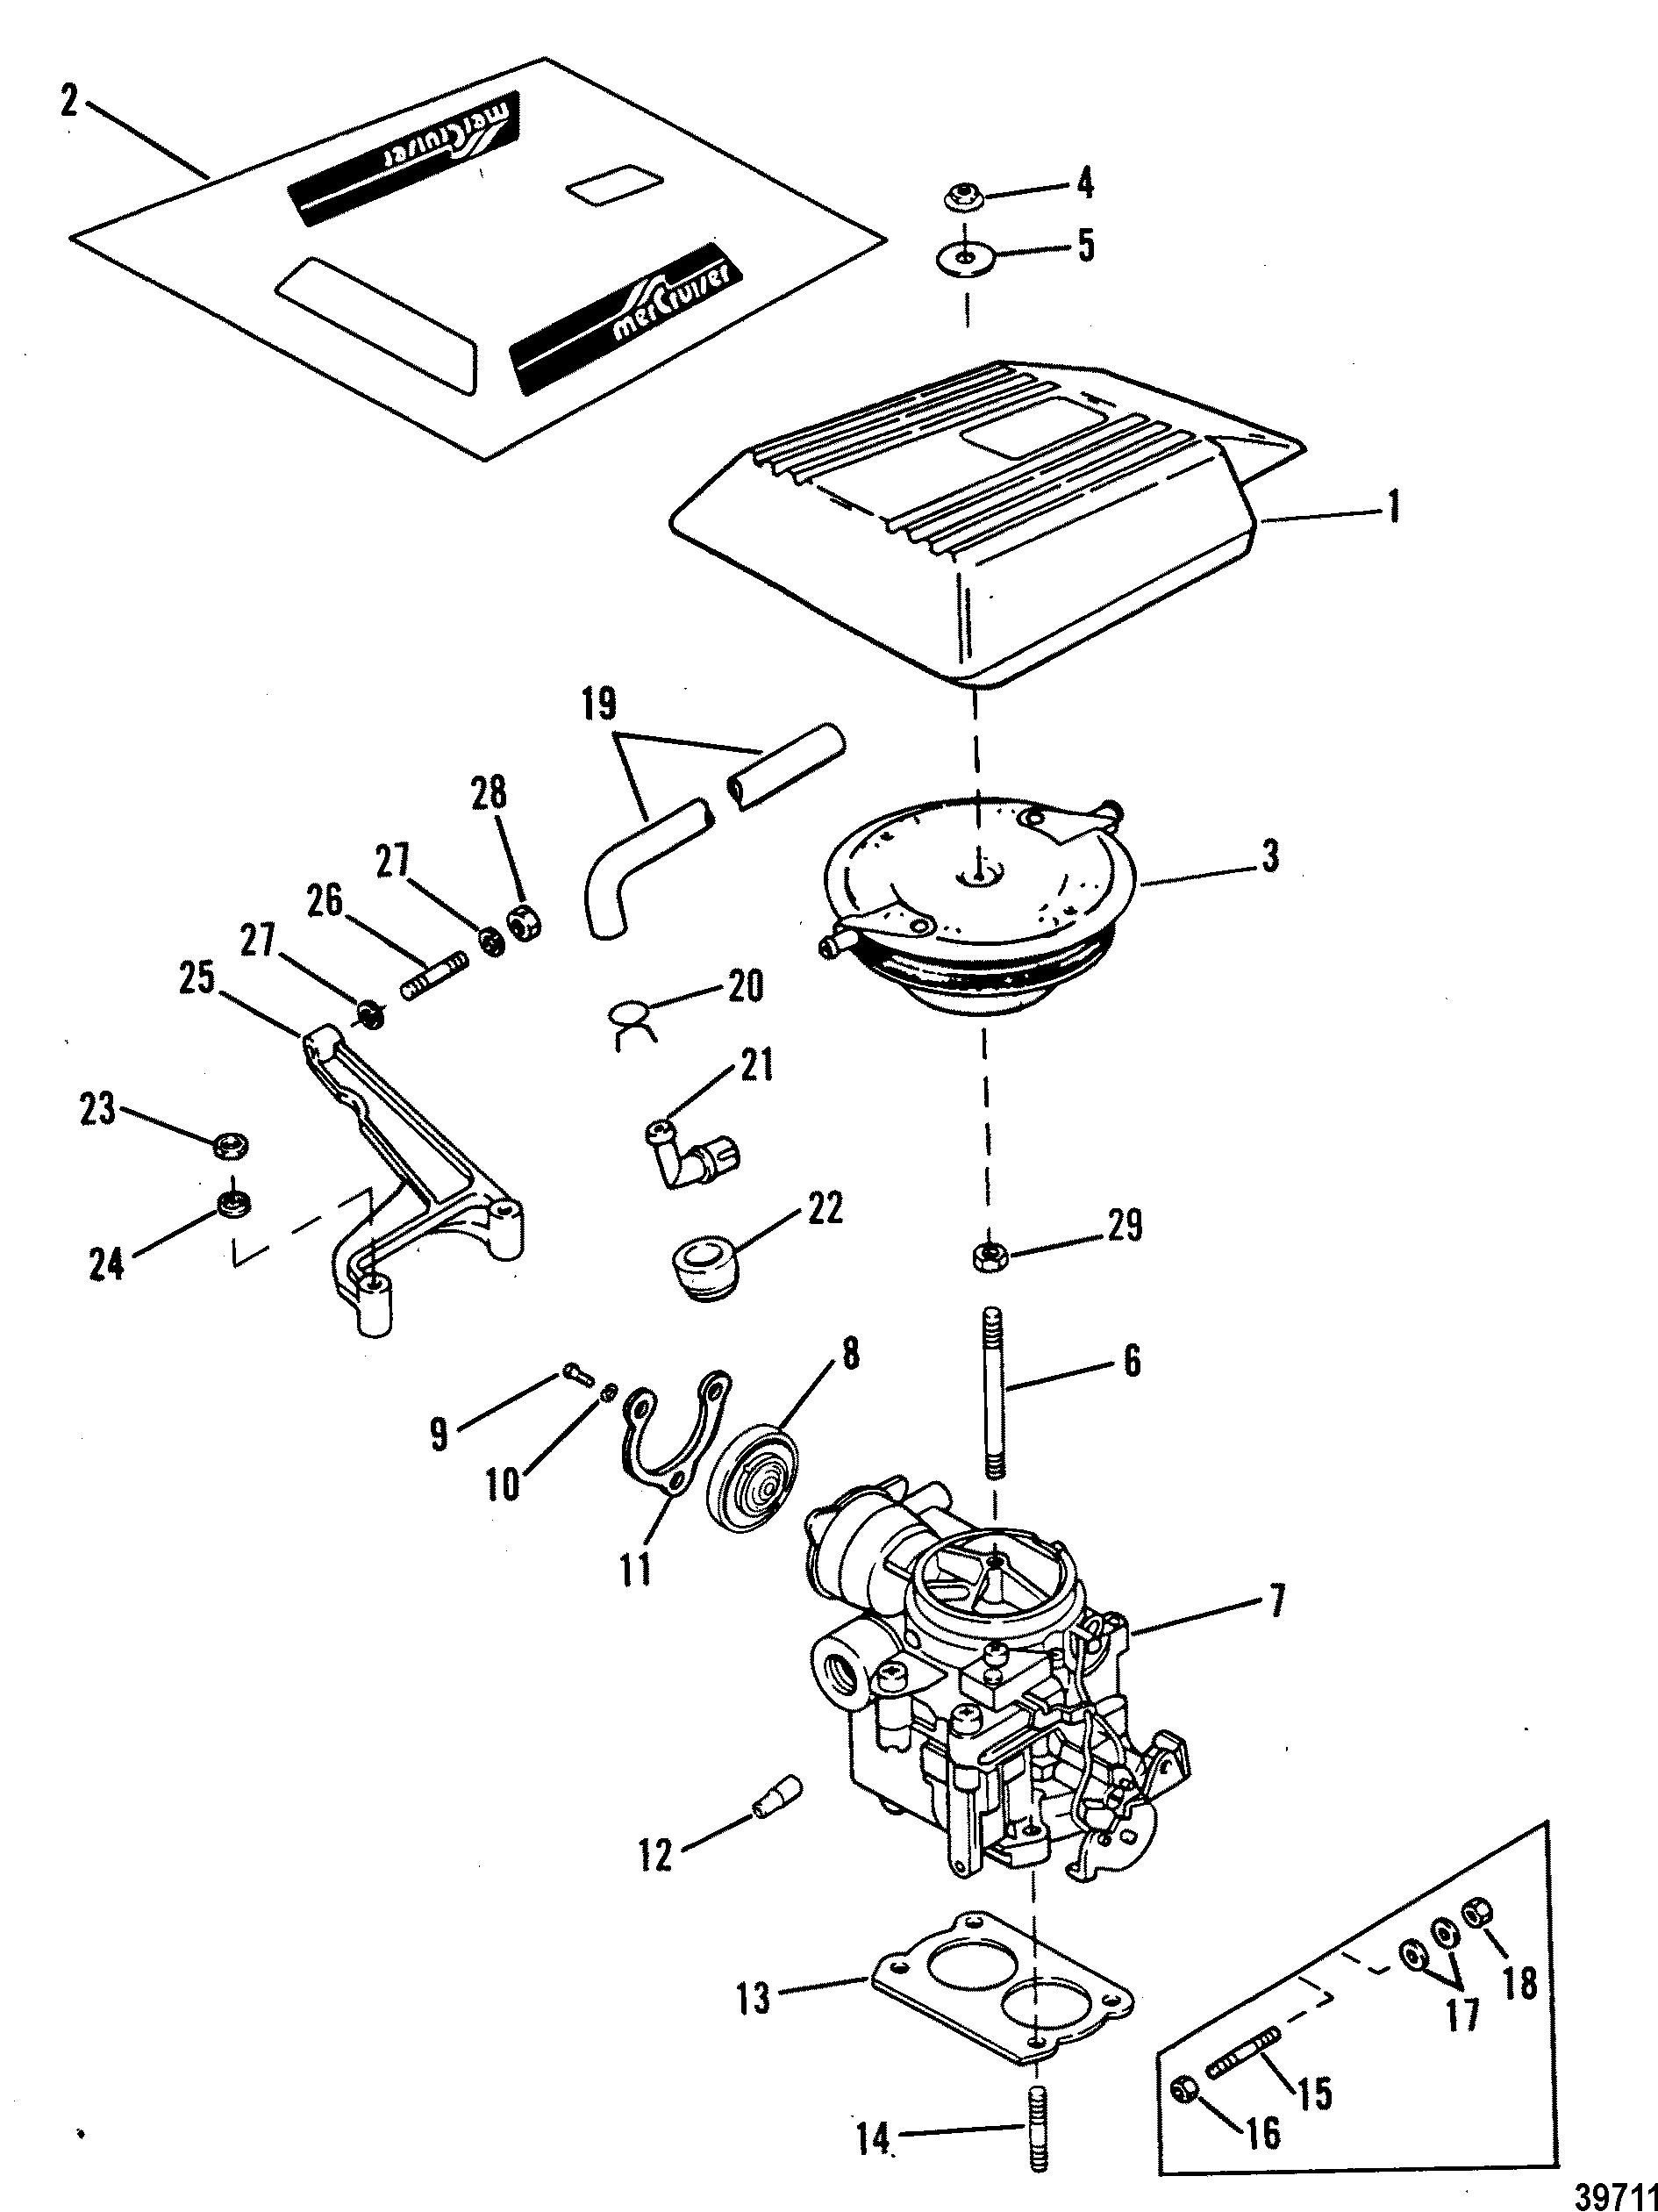 Ford 200 Cid 6 Cylinder Engine Diagram